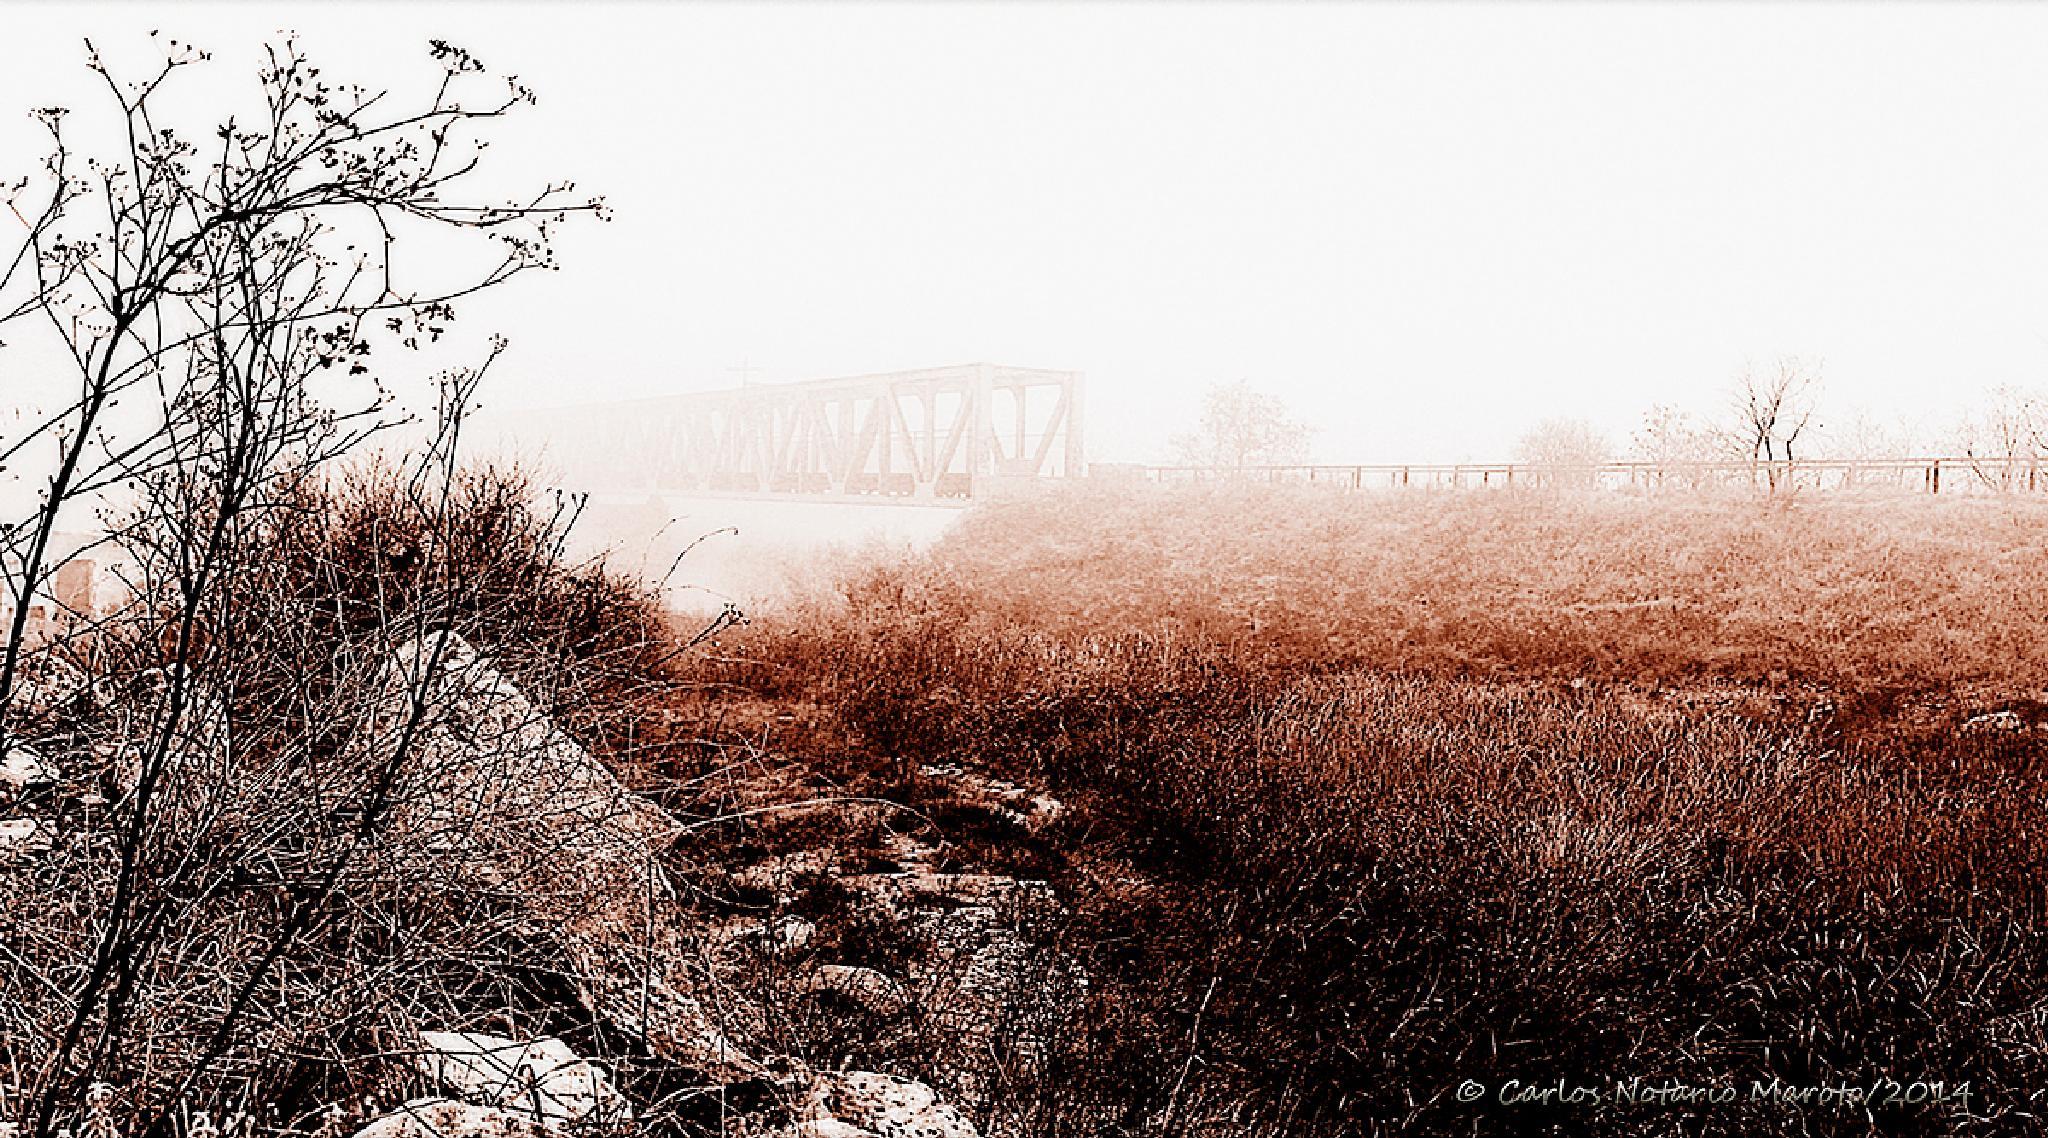 El puente y la niebla-1 by Carlos Notario Maroto